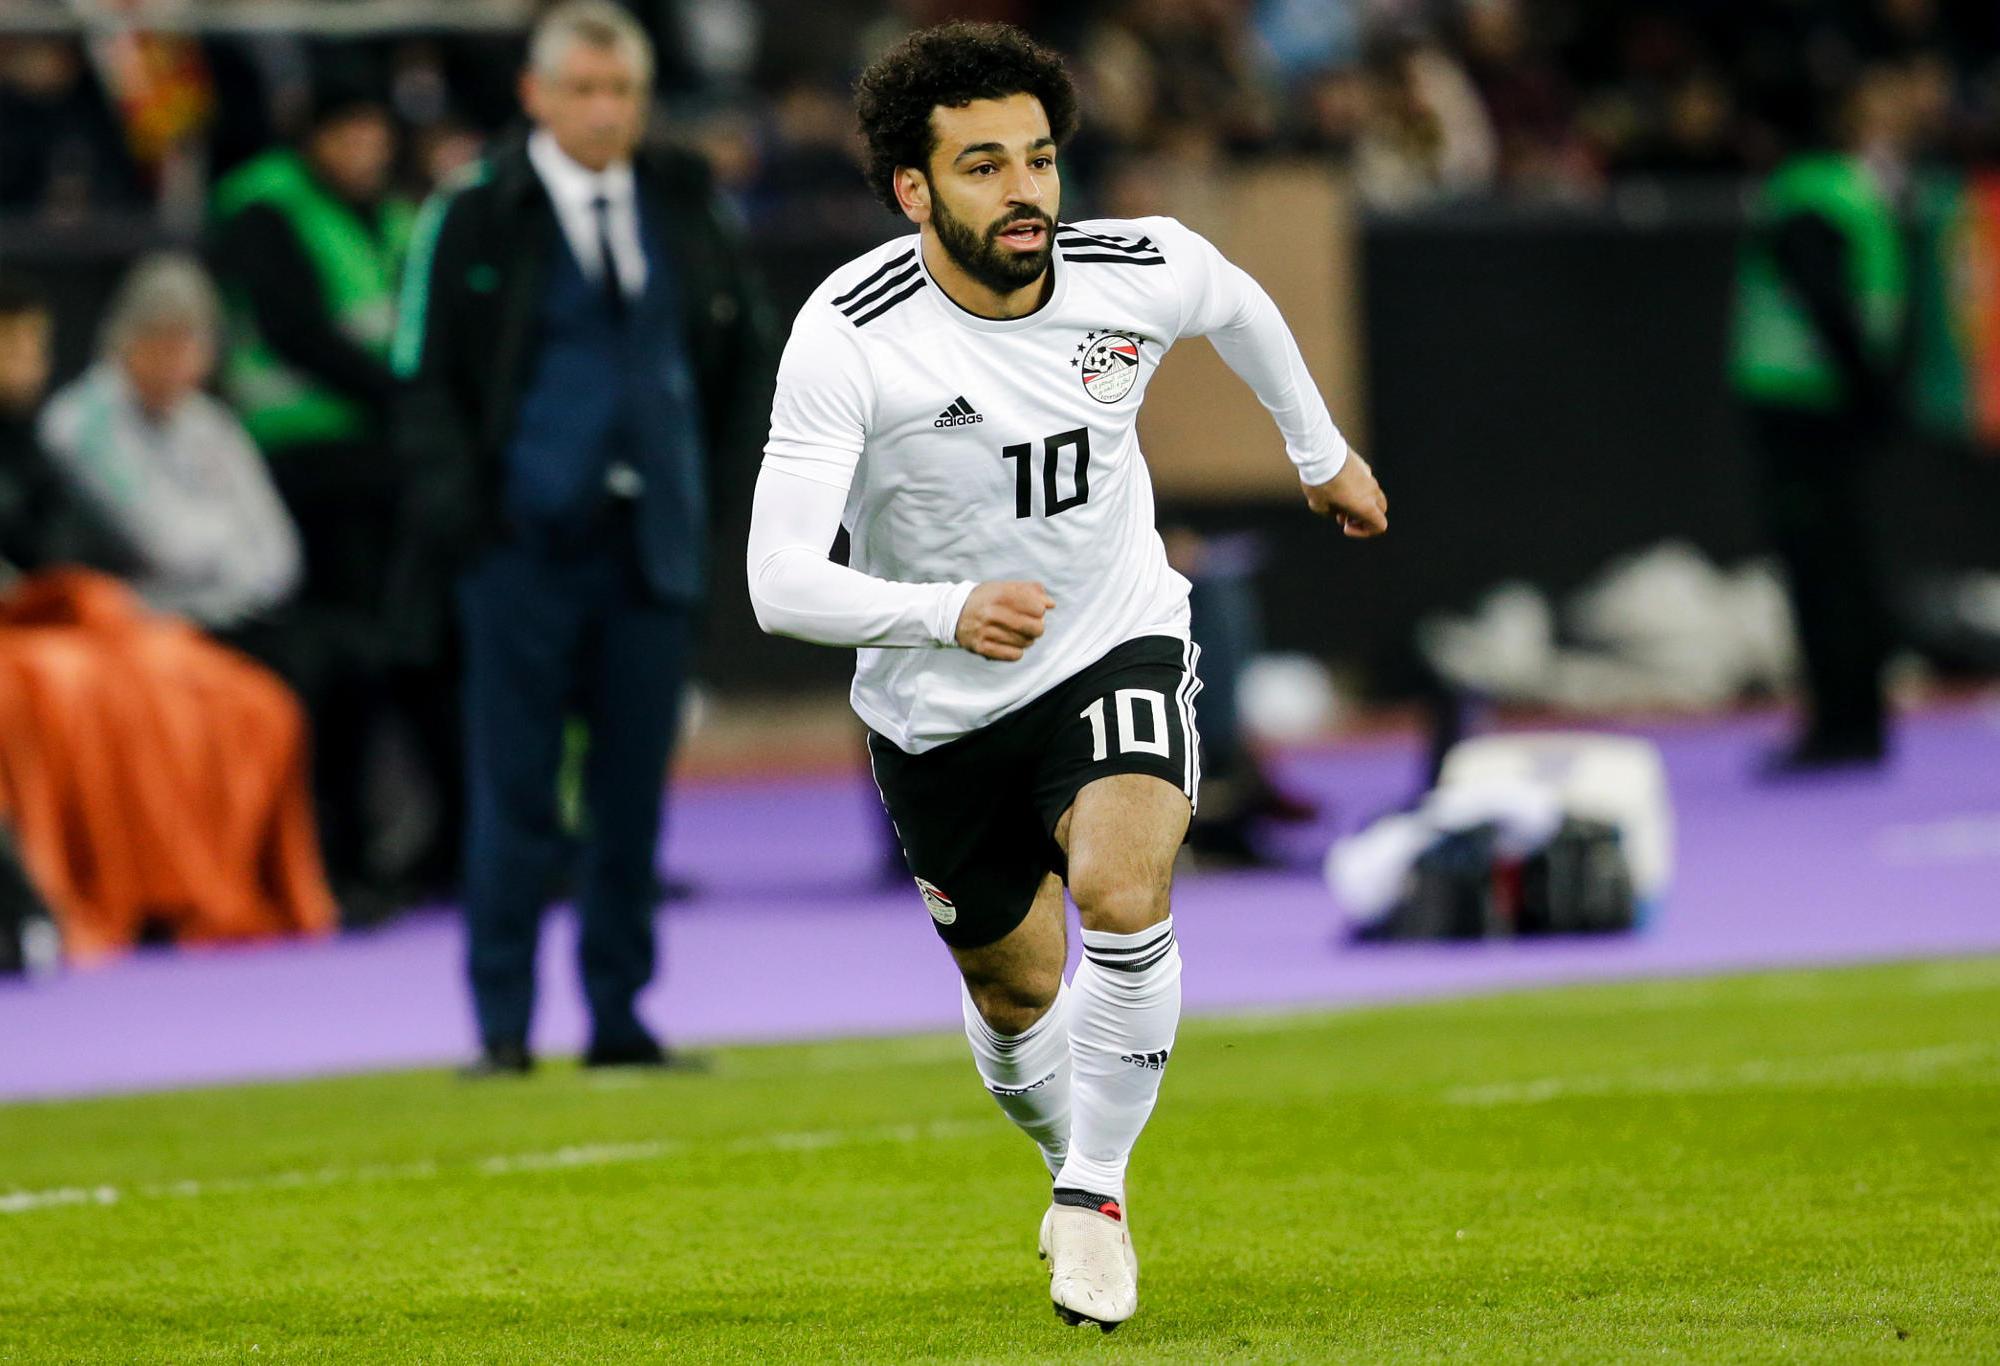 Mohamed Salah runs.